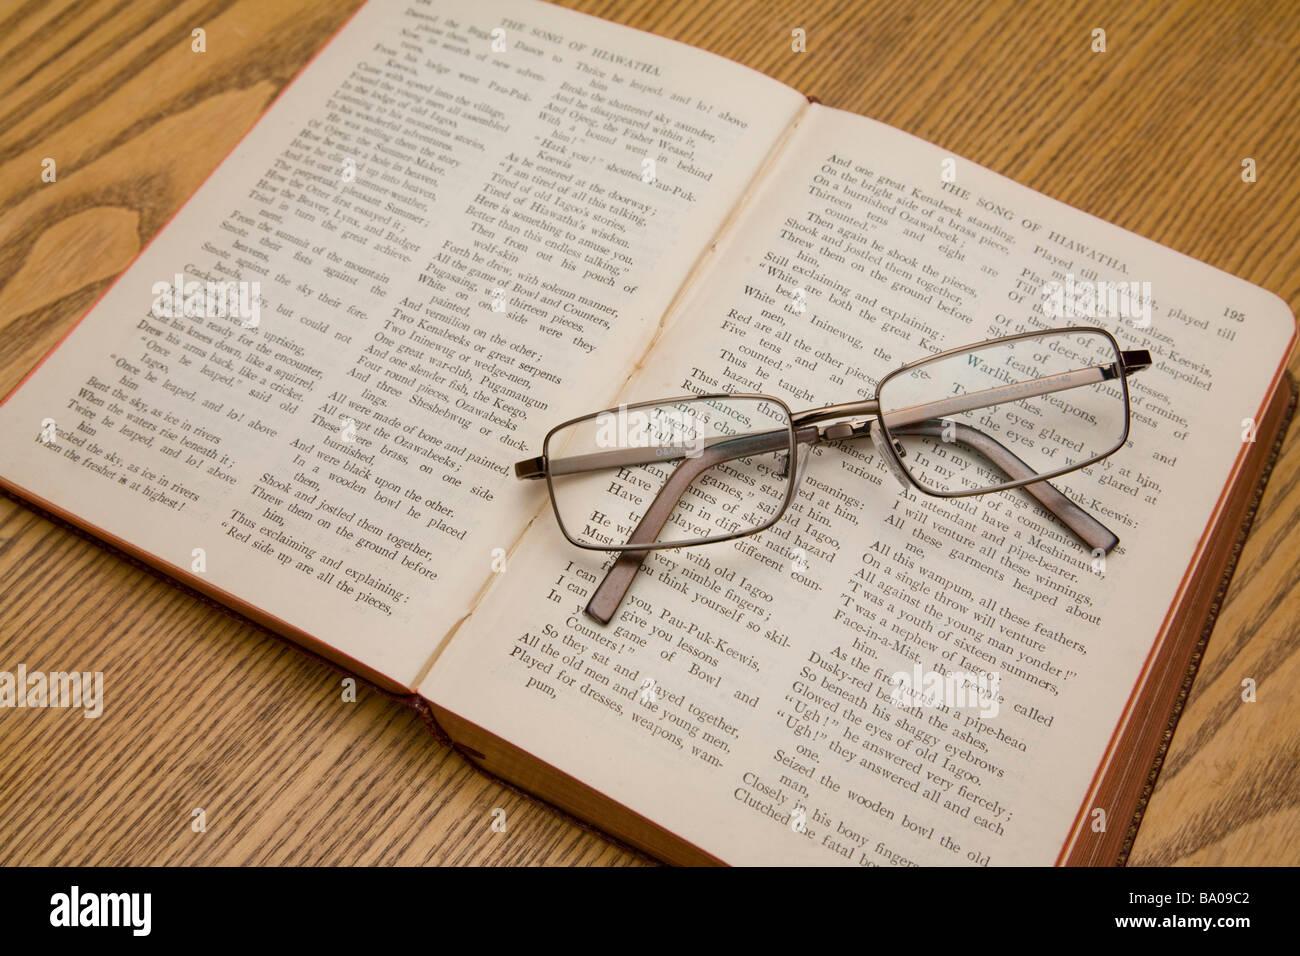 Un paio di occhiali per leggere in appoggio su un libro di poesie Longfellow. Foto Stock